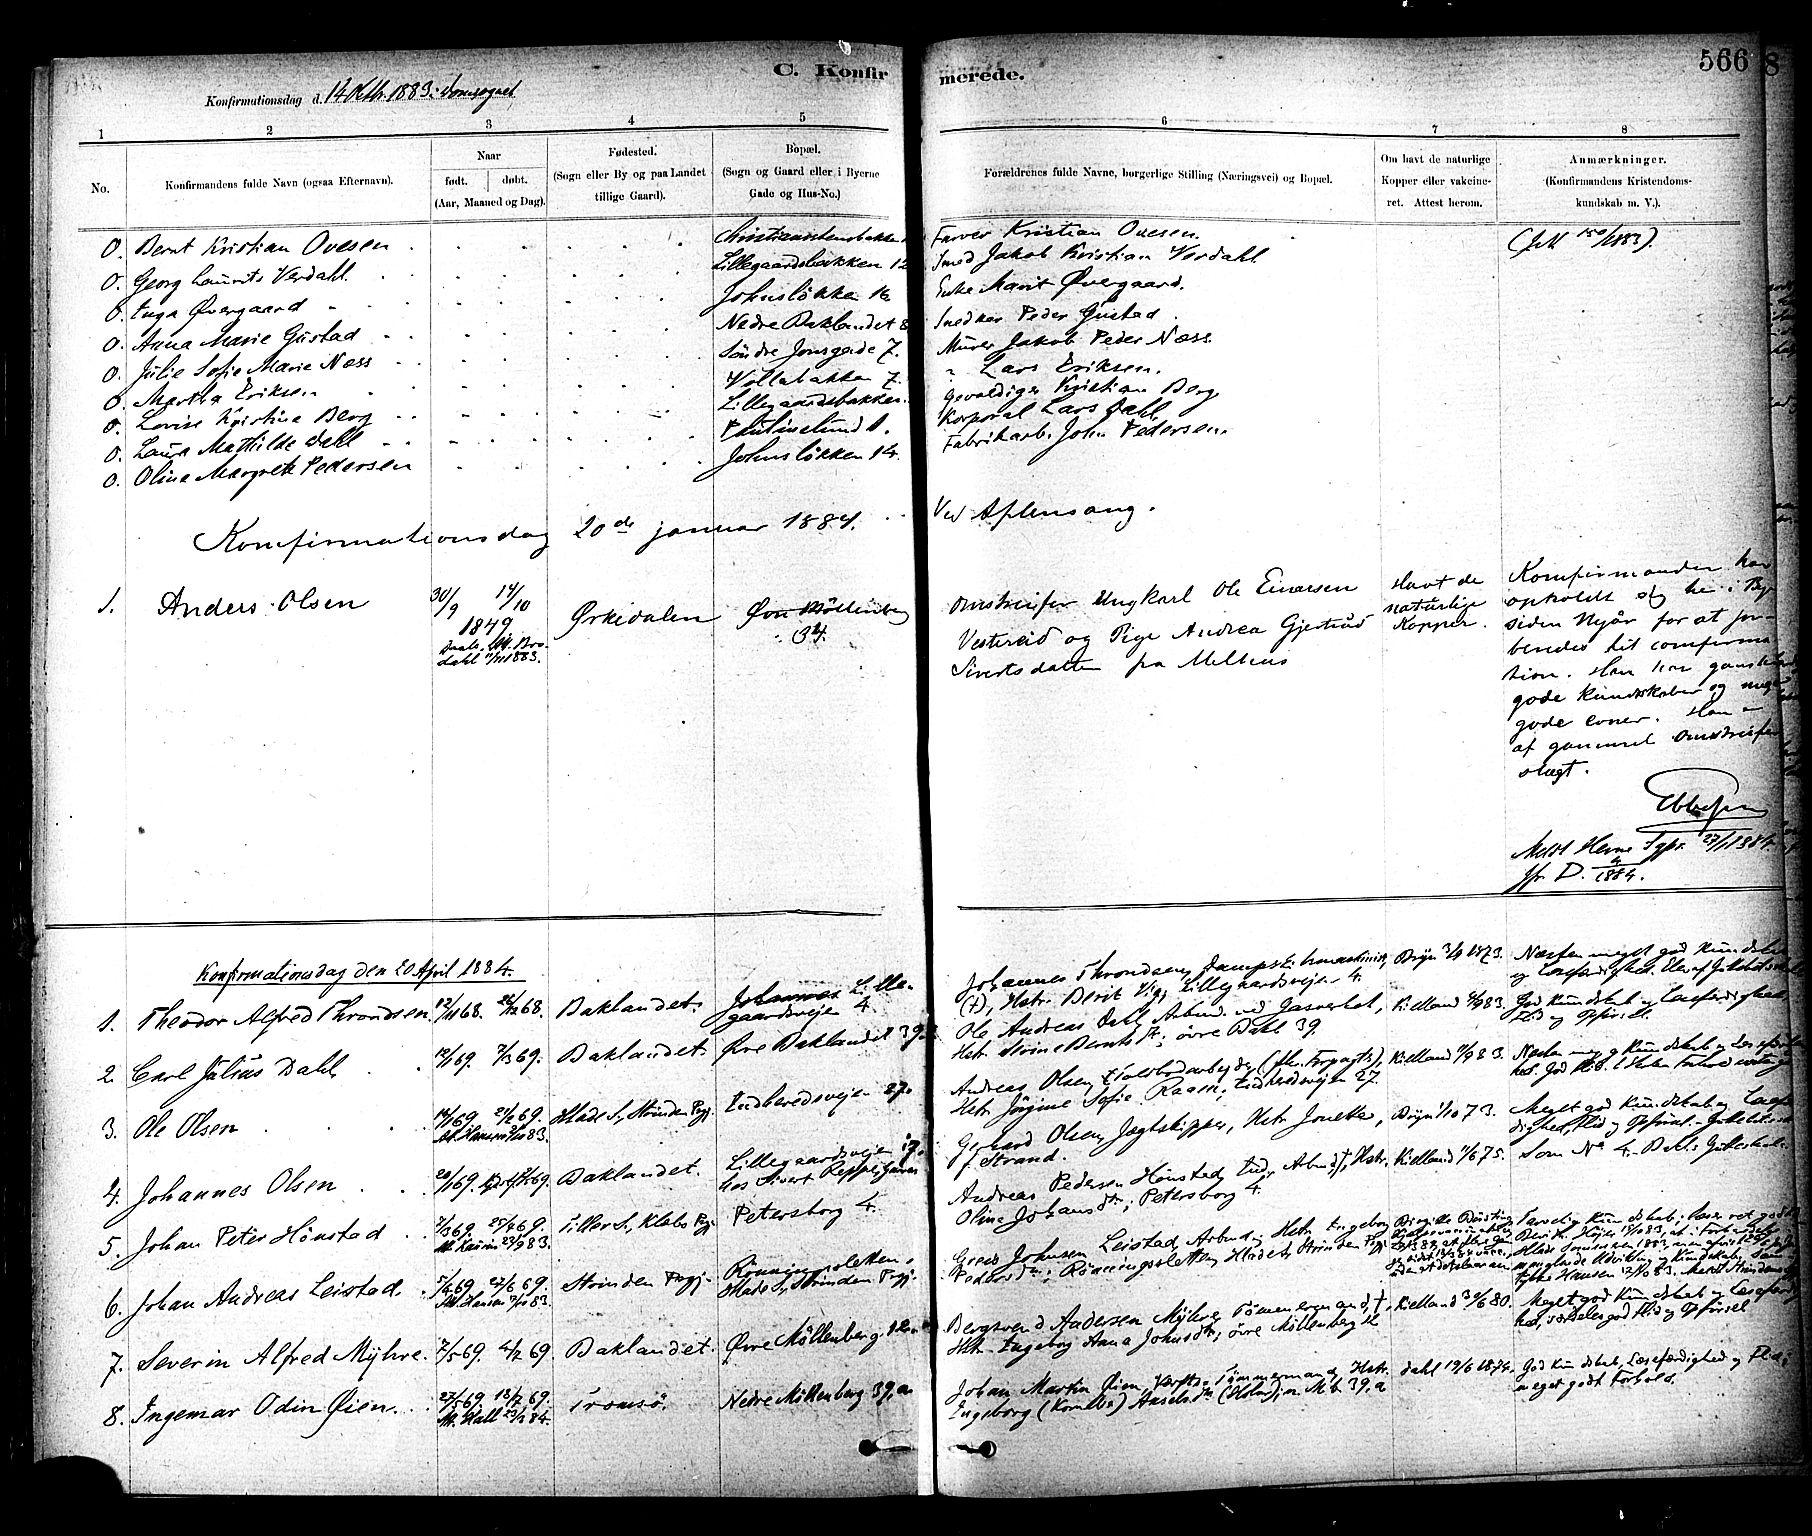 SAT, Ministerialprotokoller, klokkerbøker og fødselsregistre - Sør-Trøndelag, 604/L0188: Ministerialbok nr. 604A09, 1878-1892, s. 566